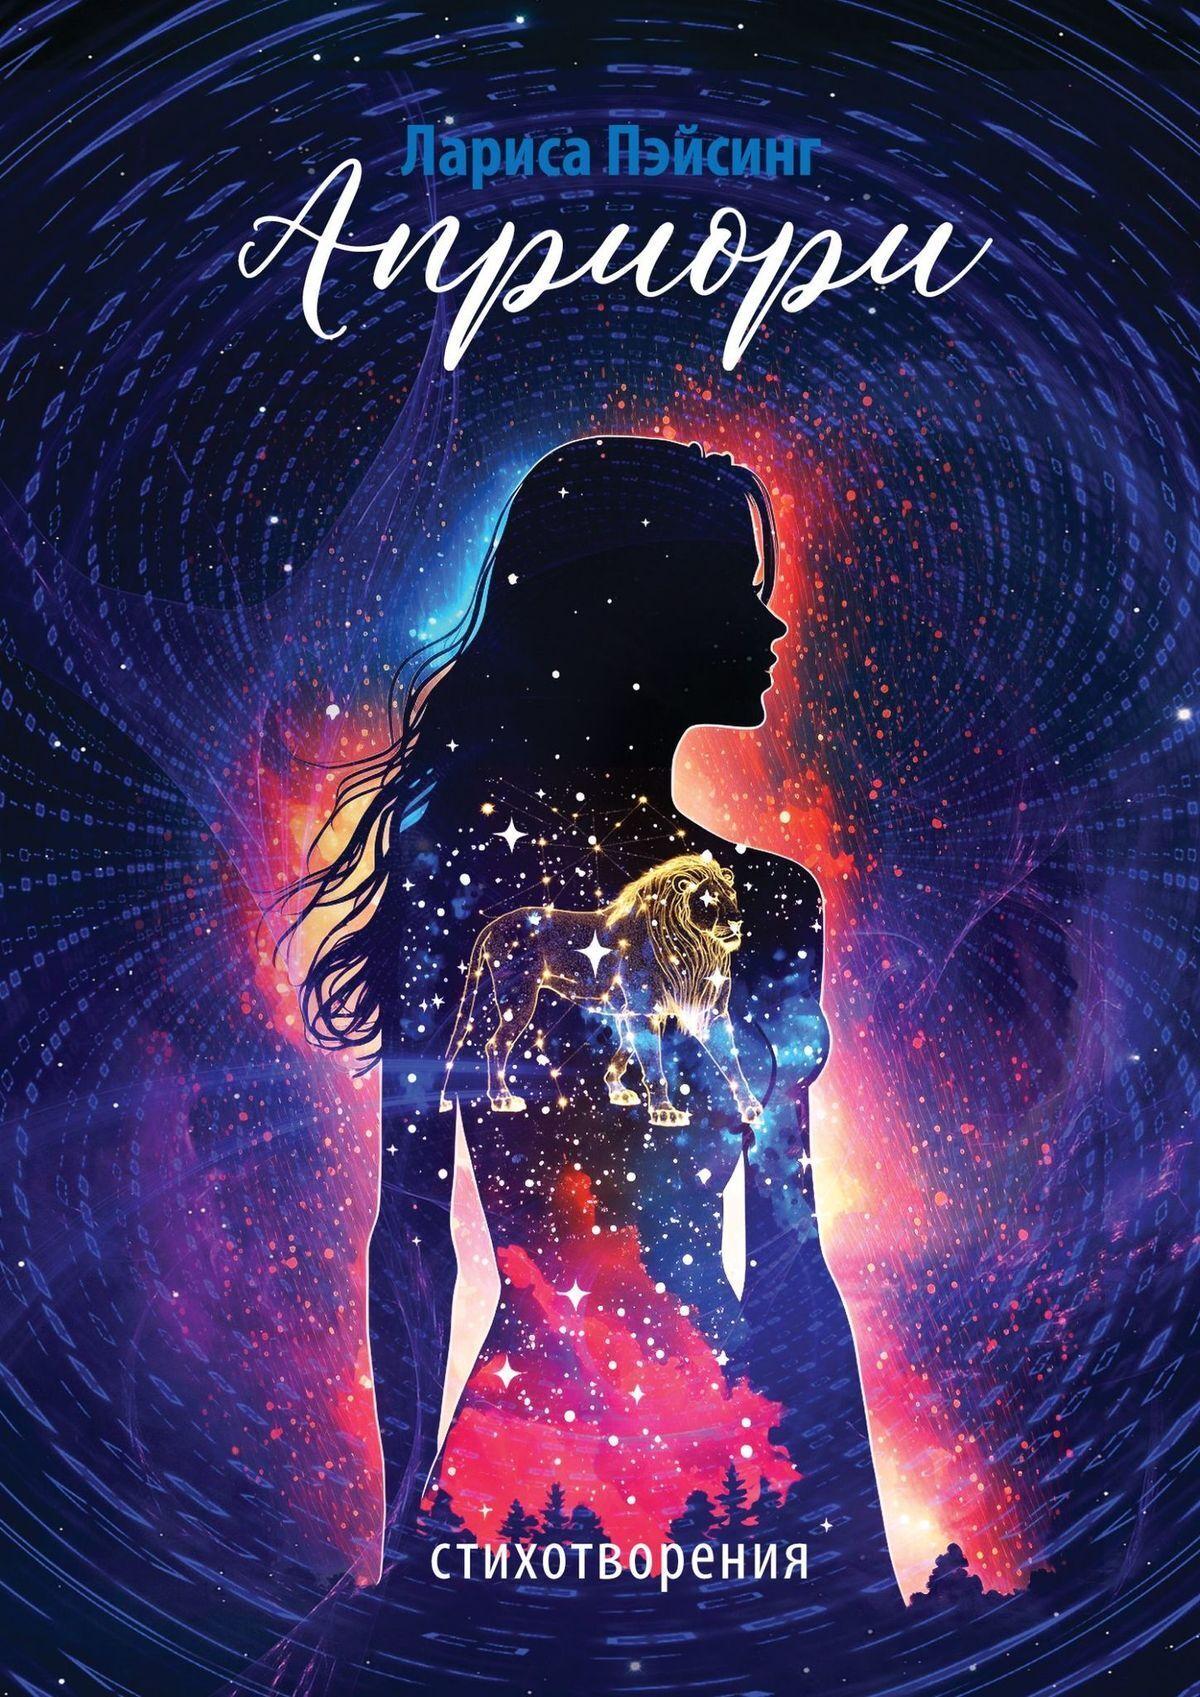 Купить книгу Априори. Поэтический сборник, автора Ларисы Пэйсинг